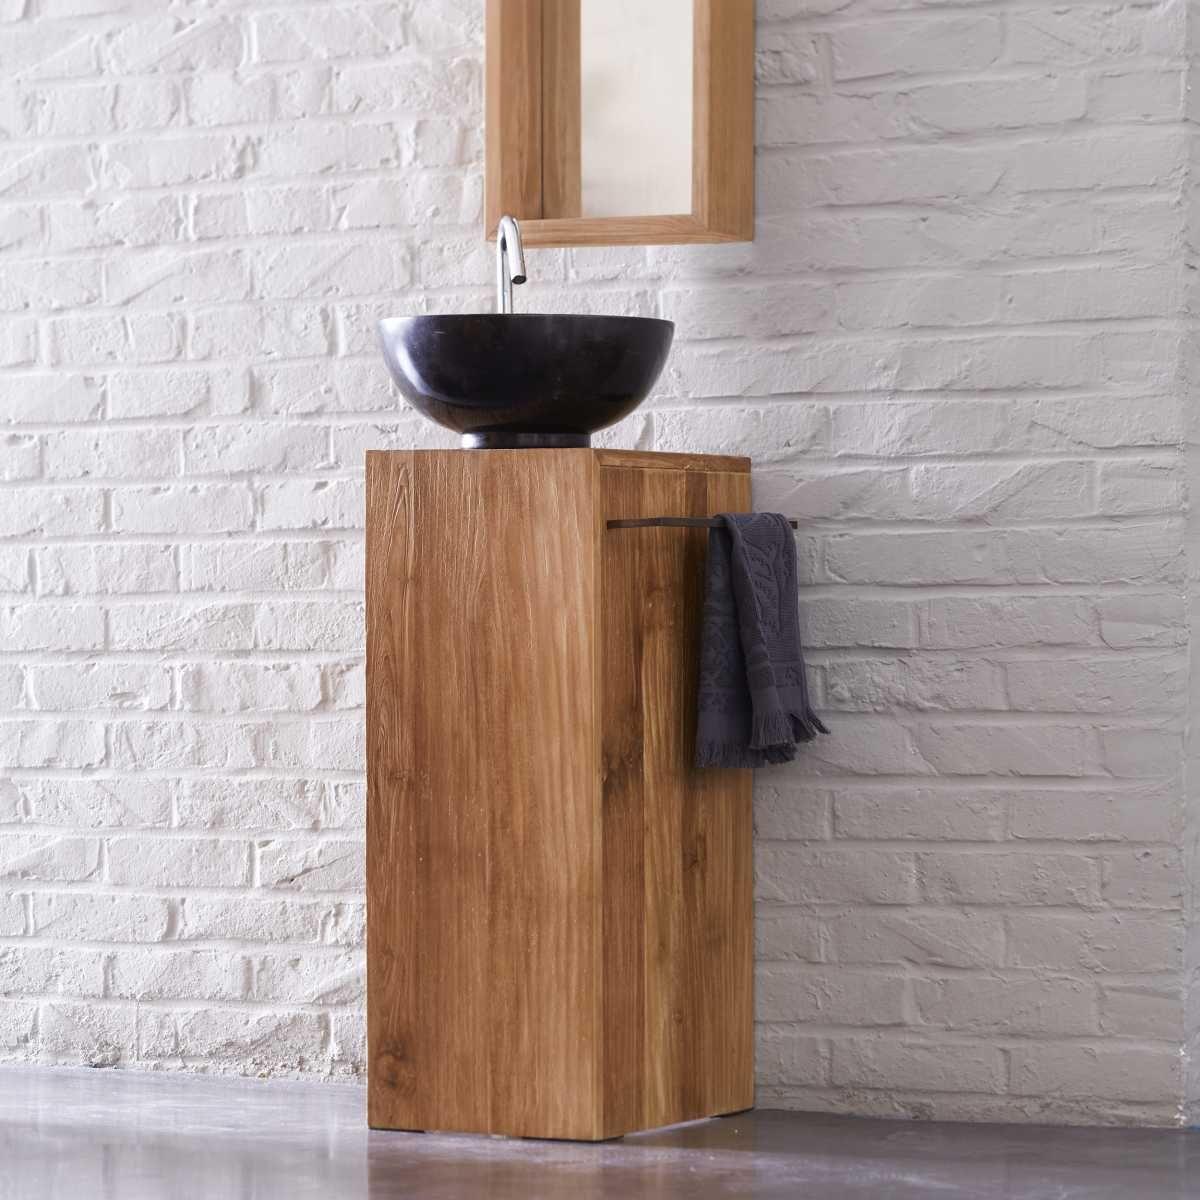 waschtisch aus teak 30 stelle rechts | inneneinrichtung, Badezimmer ideen